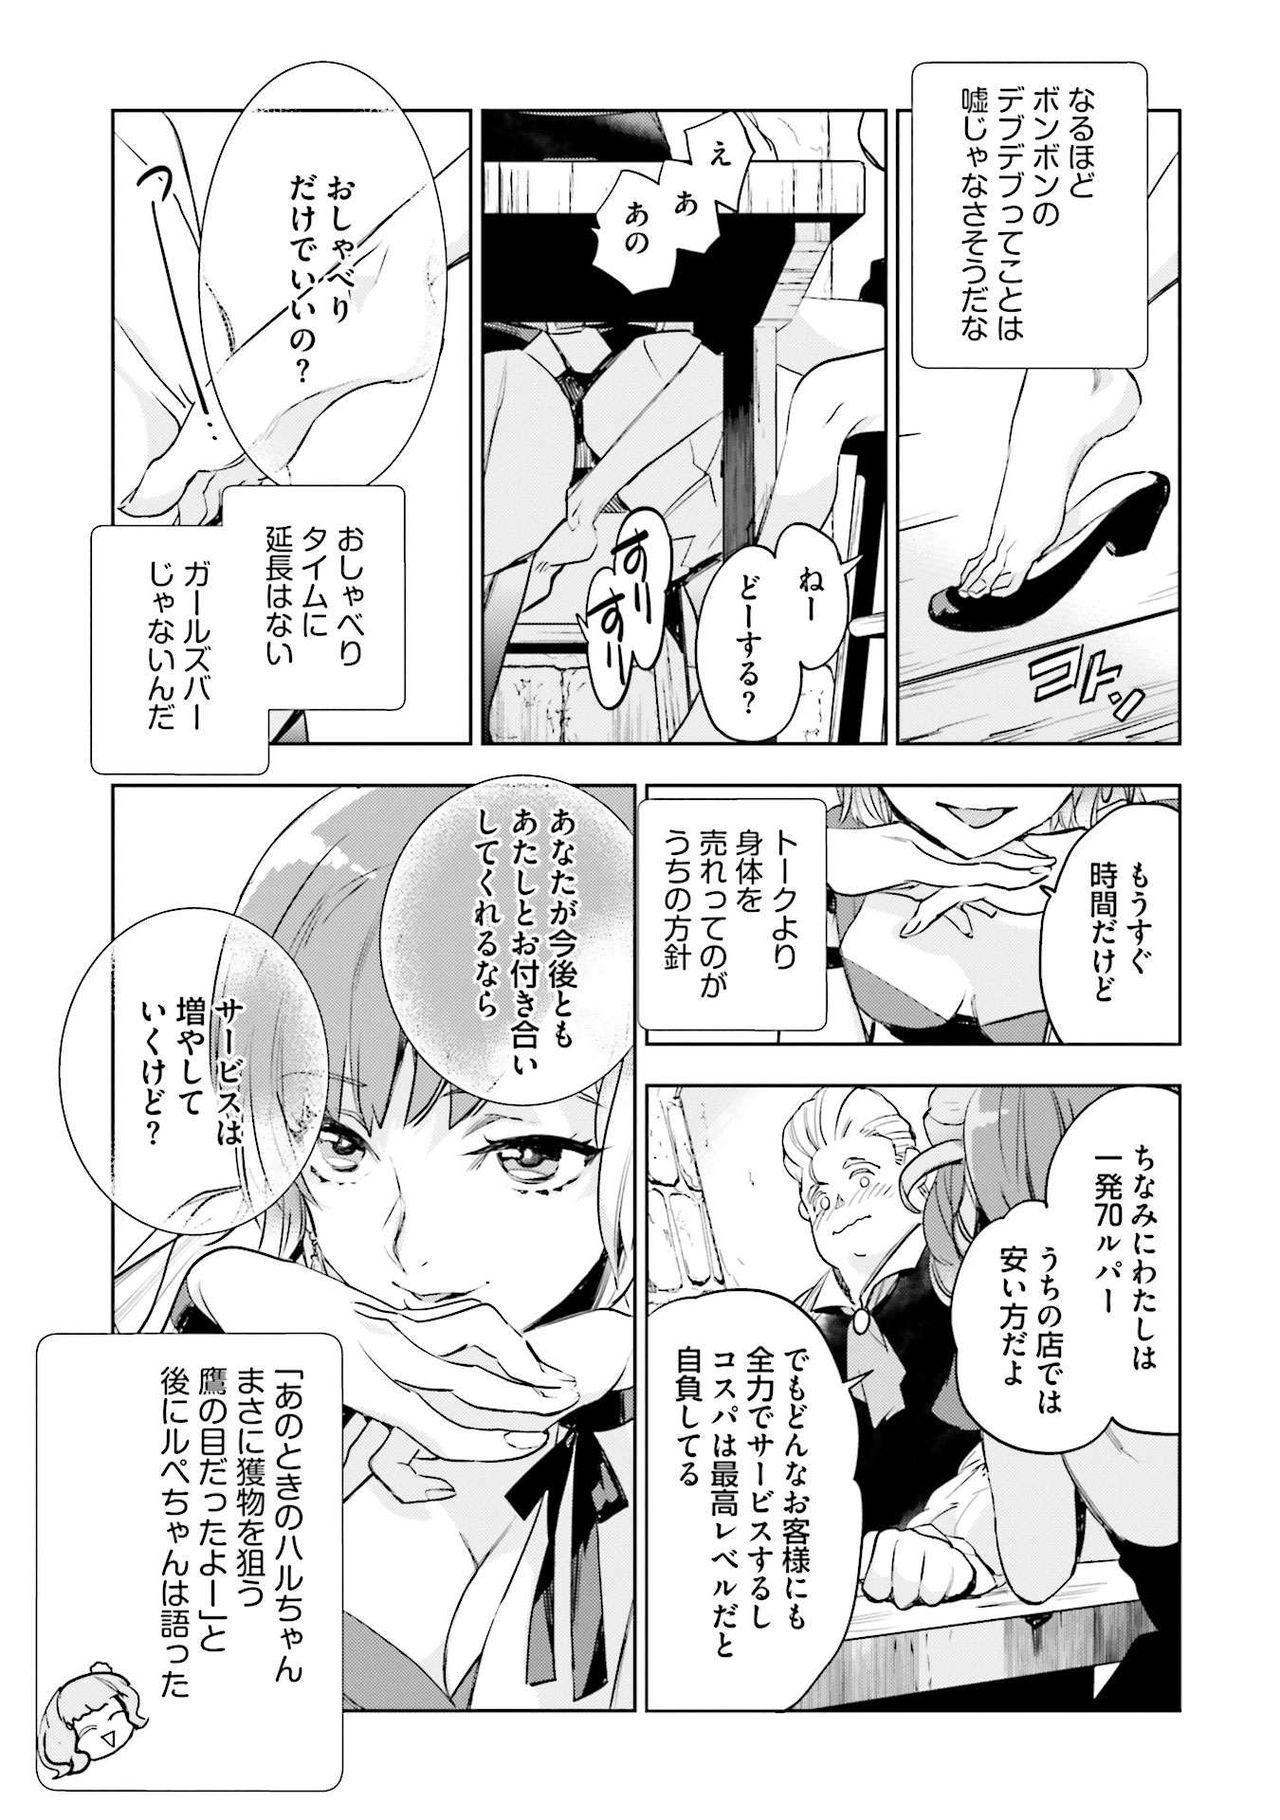 JK Haru wa Isekai de Shoufu ni Natta 1-14 70